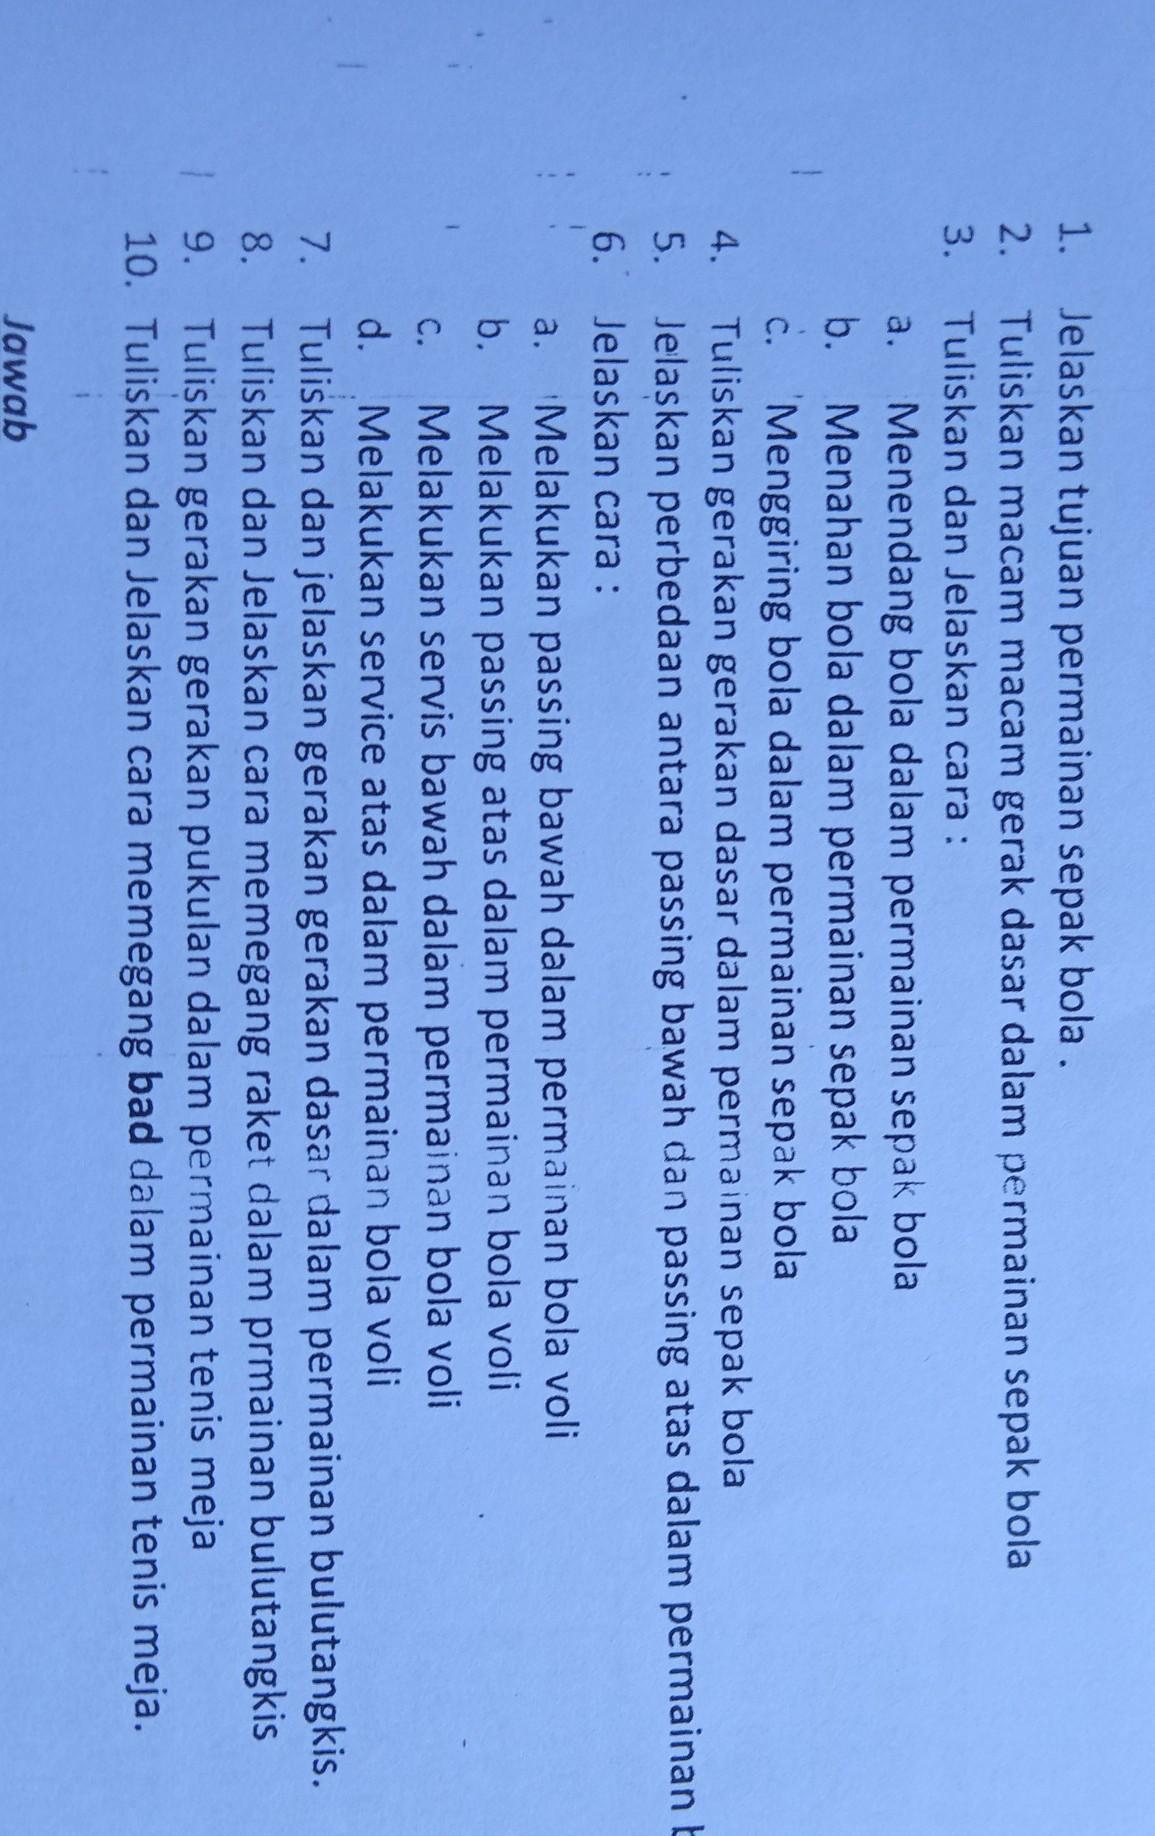 Jelaskan Perbedaan Antara Passing Bawah Dan Passing Bawah Dalam Permainan Bola Voli : jelaskan, perbedaan, antara, passing, bawah, dalam, permainan, Terserah, Jawab, No:5=jelaskan, Perbedaan, Antara, Passing, Bawah, Brainly.co.id